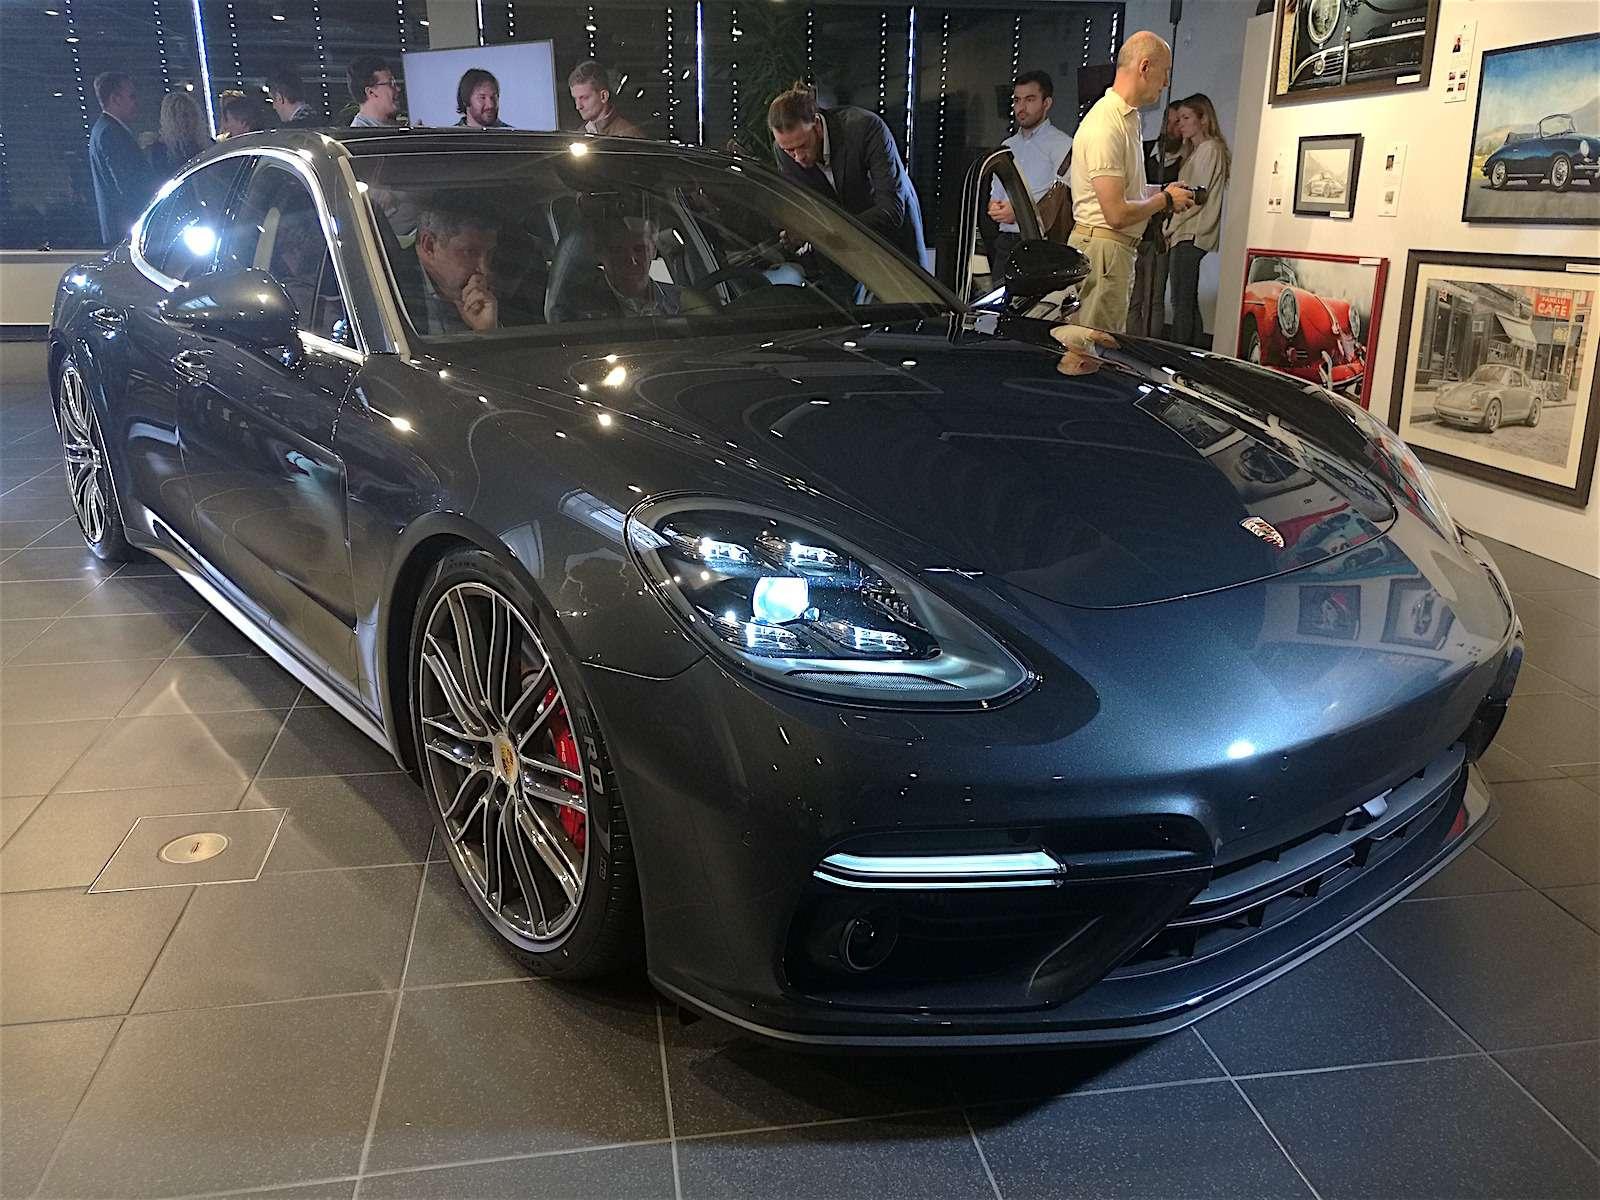 Новую Porsche Panamera показали российским СМИ— фото 630879